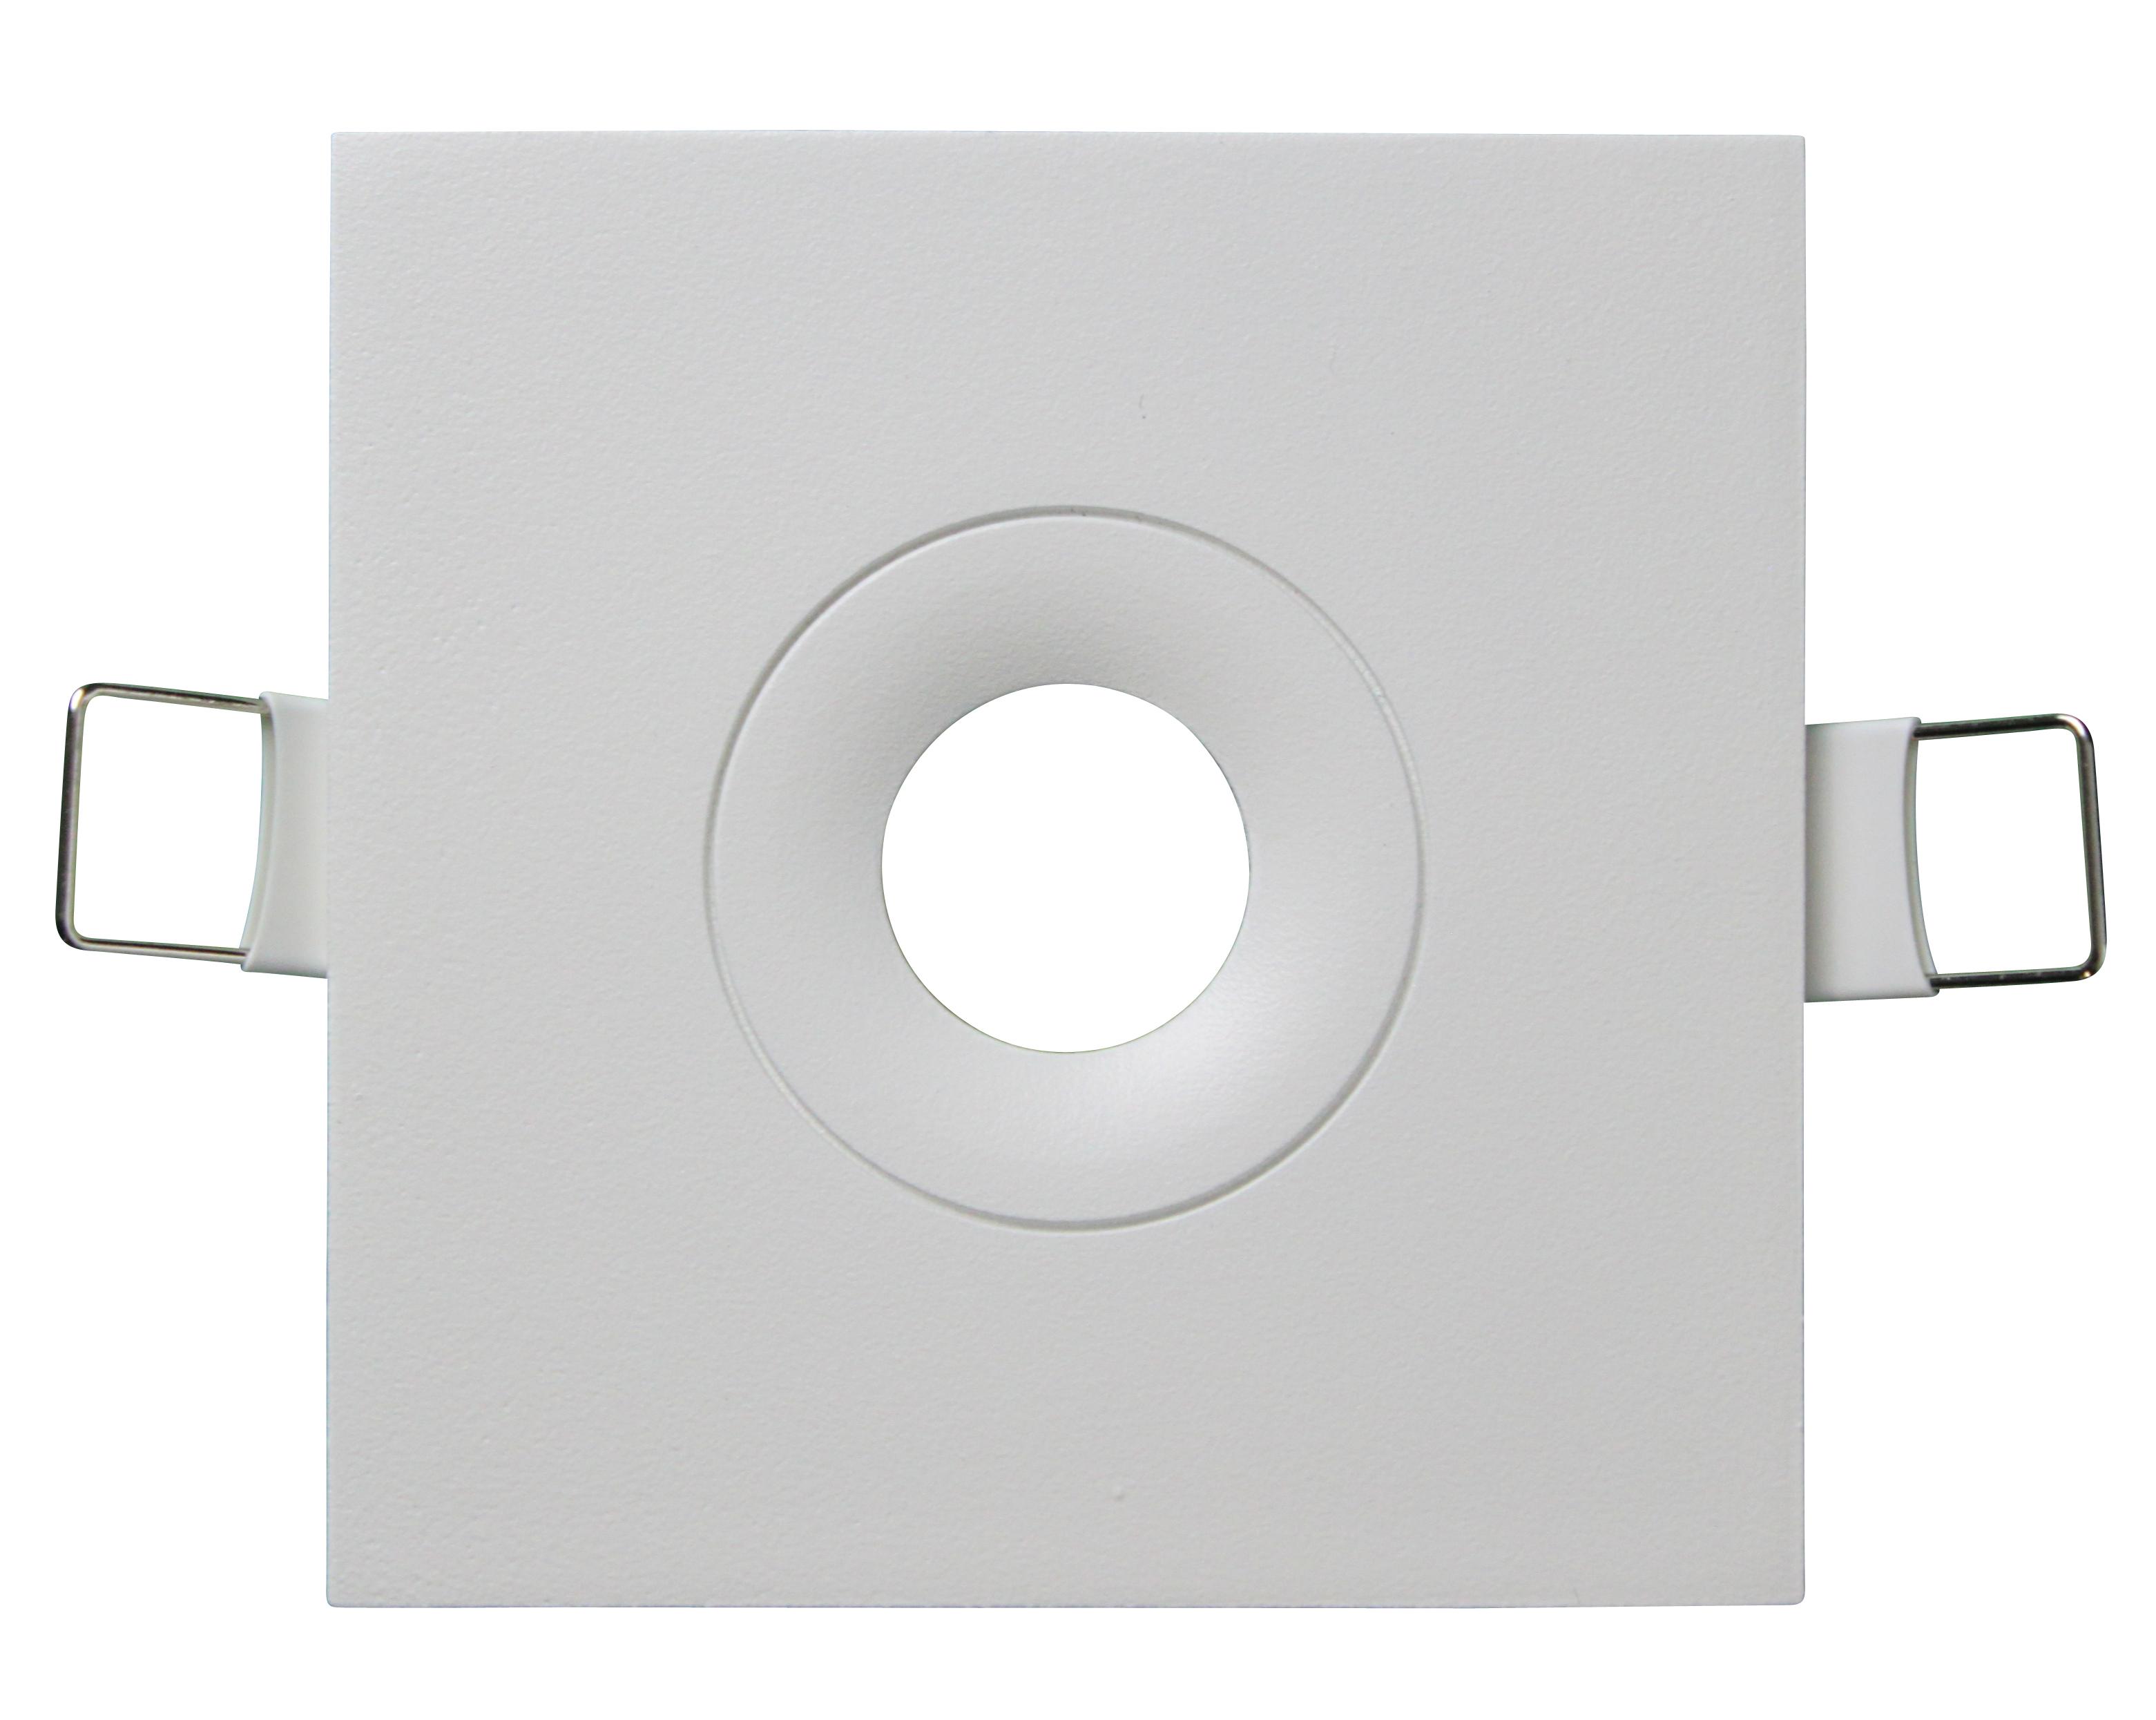 1 Stk Abdeckung für Notleuchten Design EE weiß quadratisch NLEEQWS---